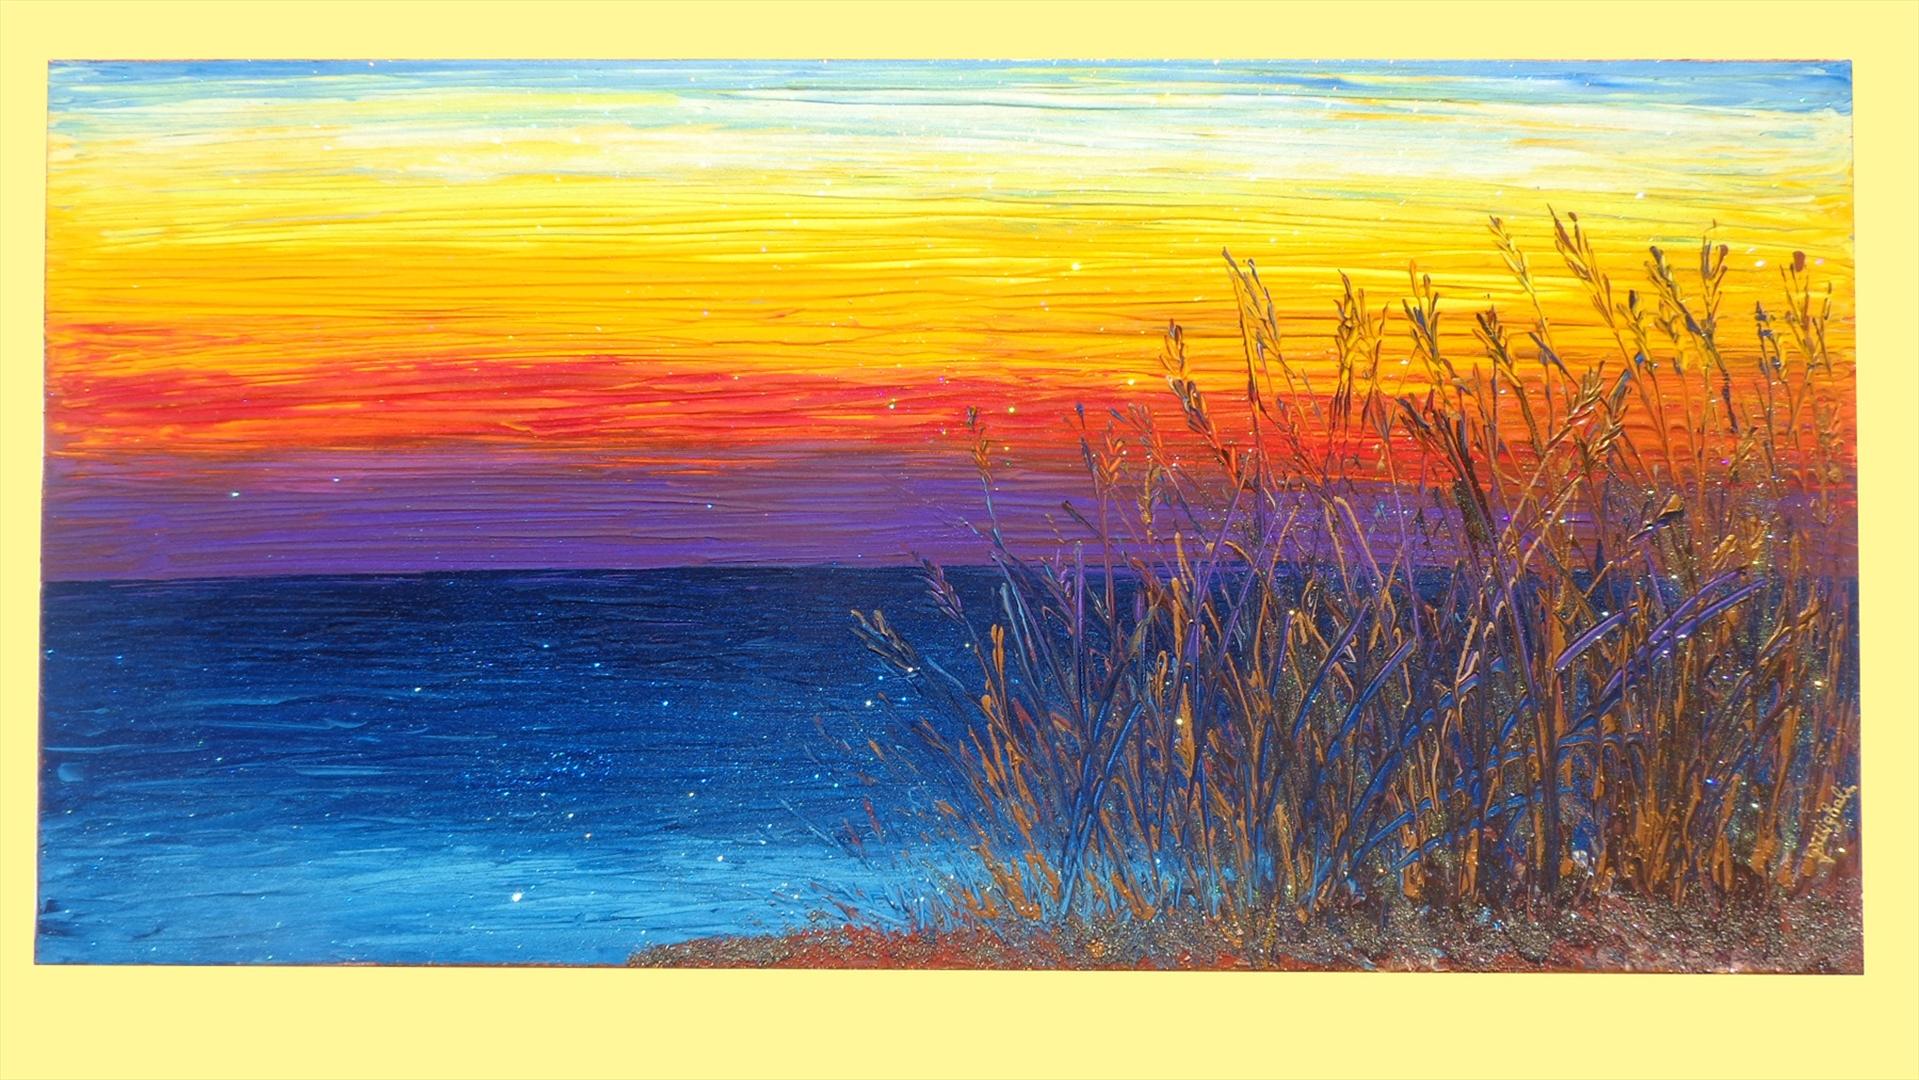 Paesaggio di mare con barche vendita quadri online quadri for Tele quadri